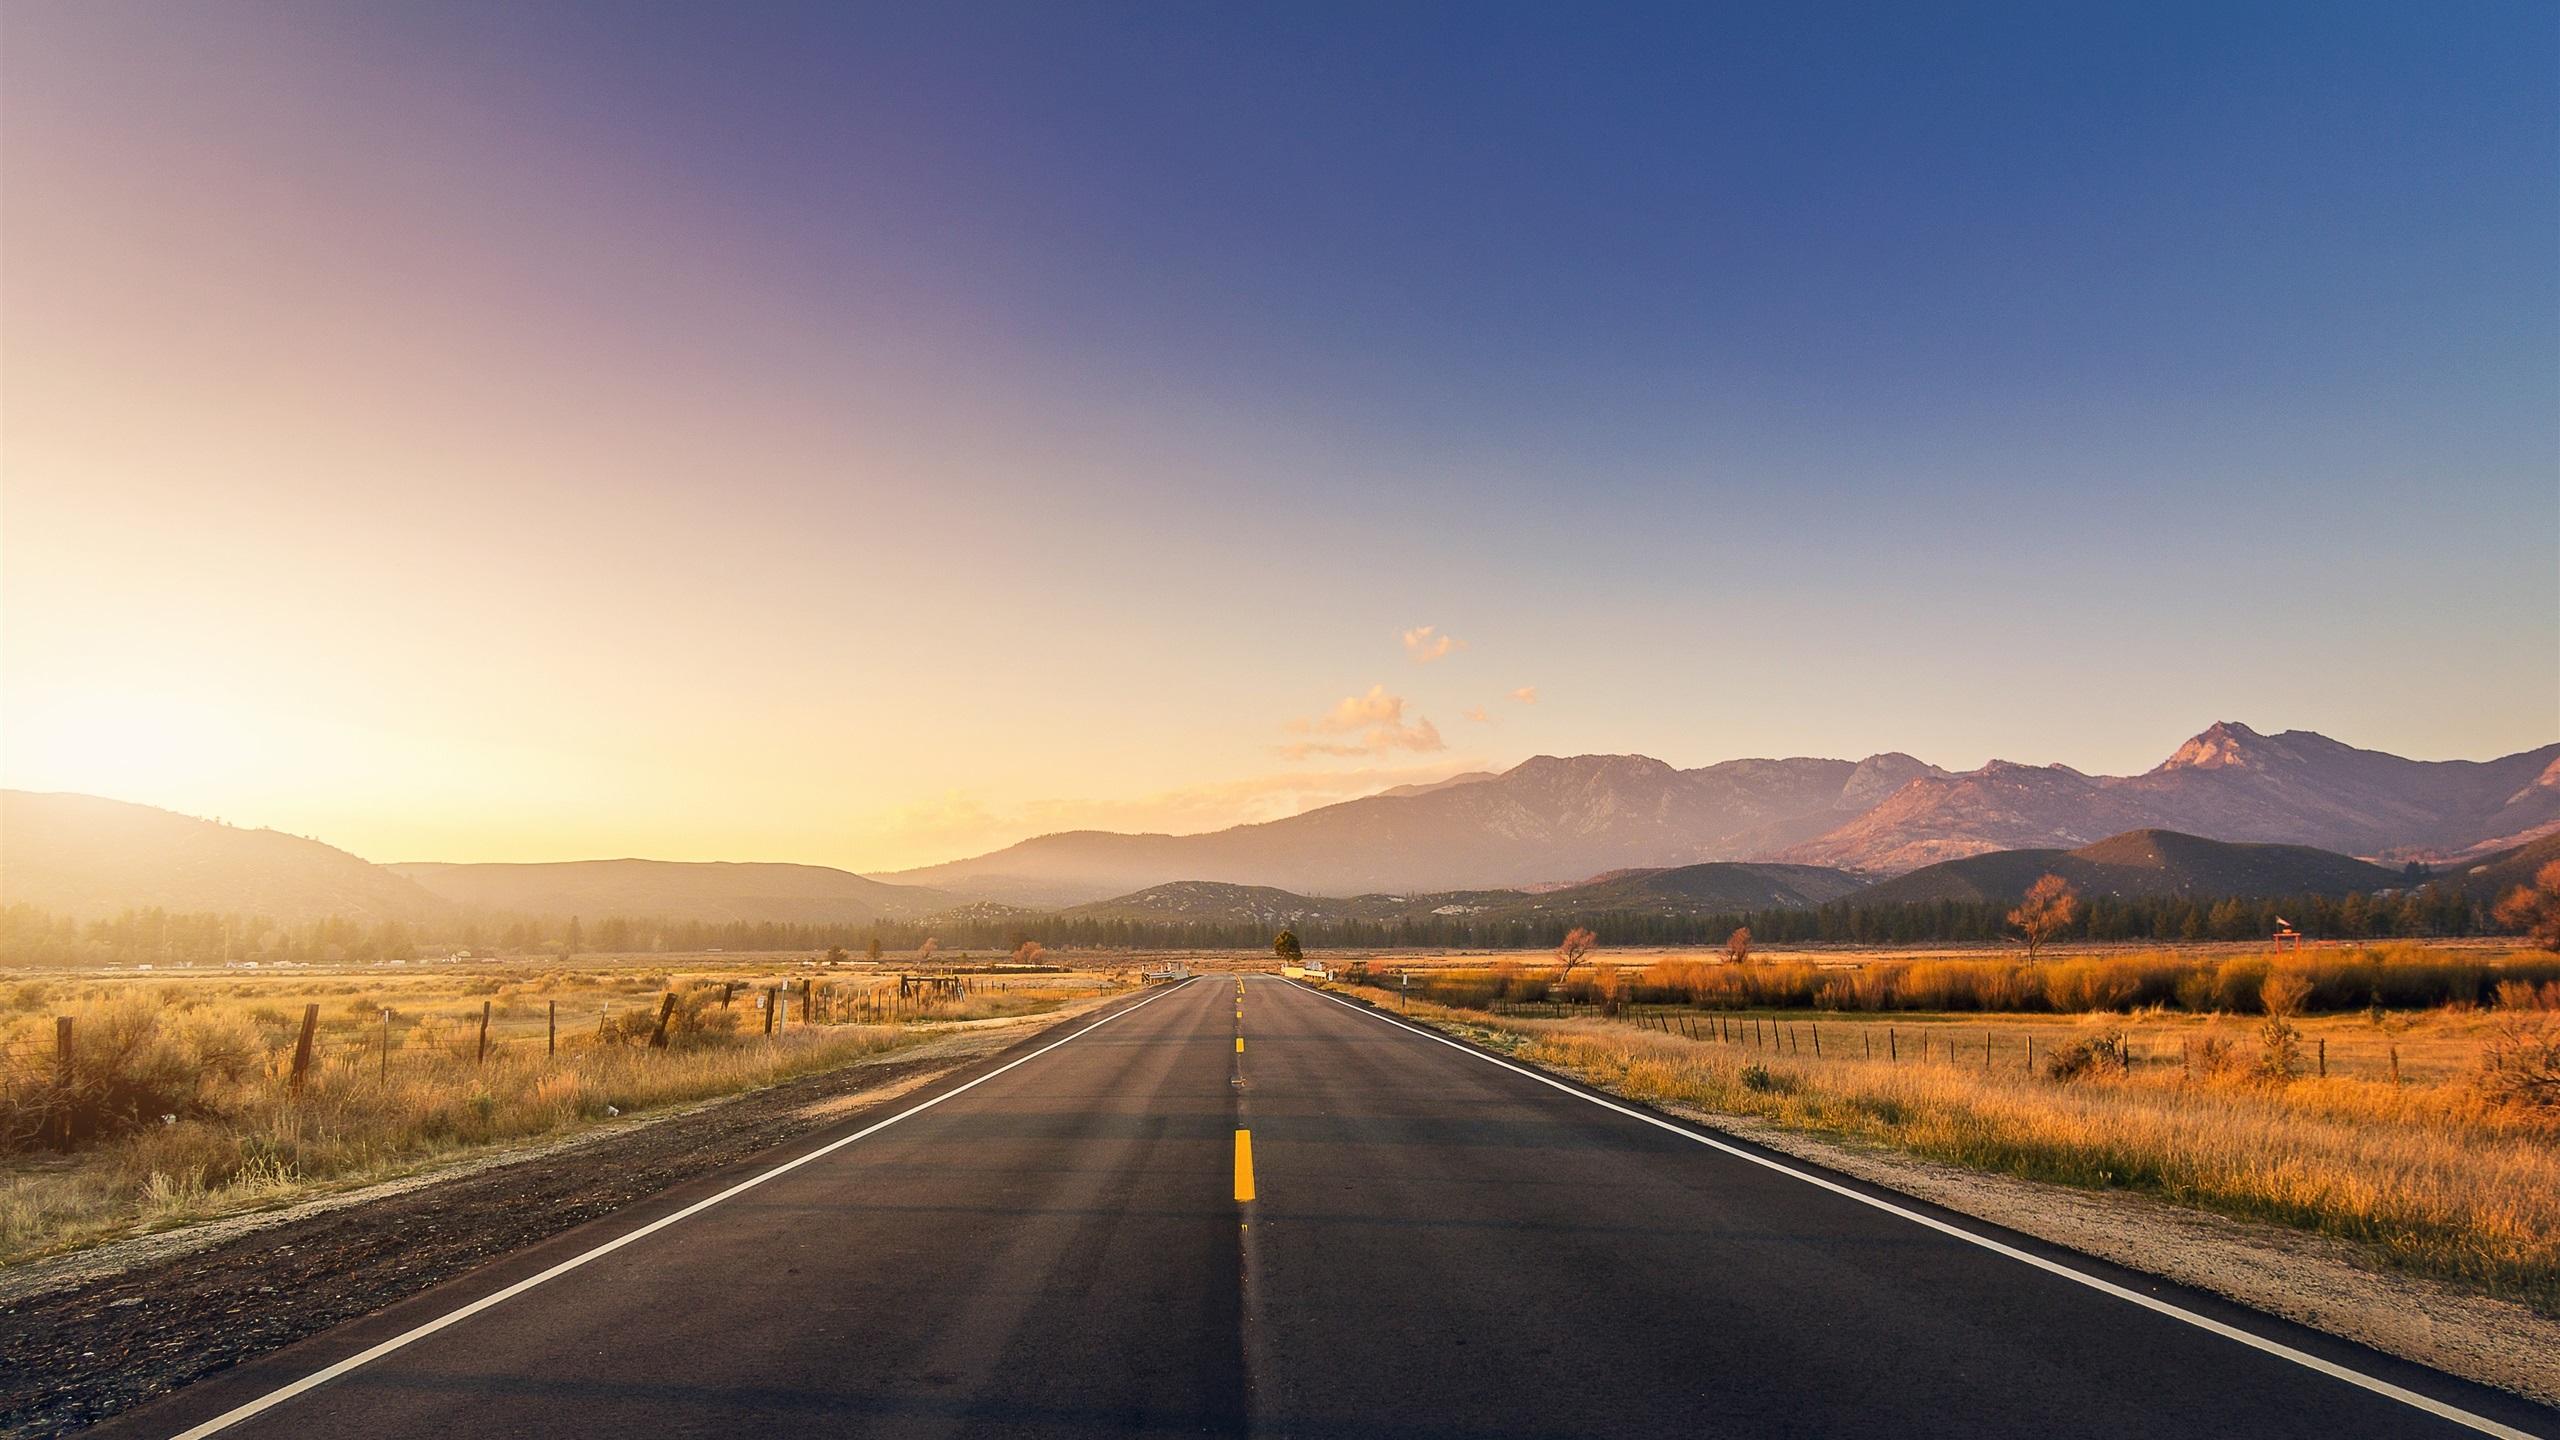 2560x1440 wallpaper road: Wallpaper Road, Mountains, Grass, Sunset 2560x1440 QHD